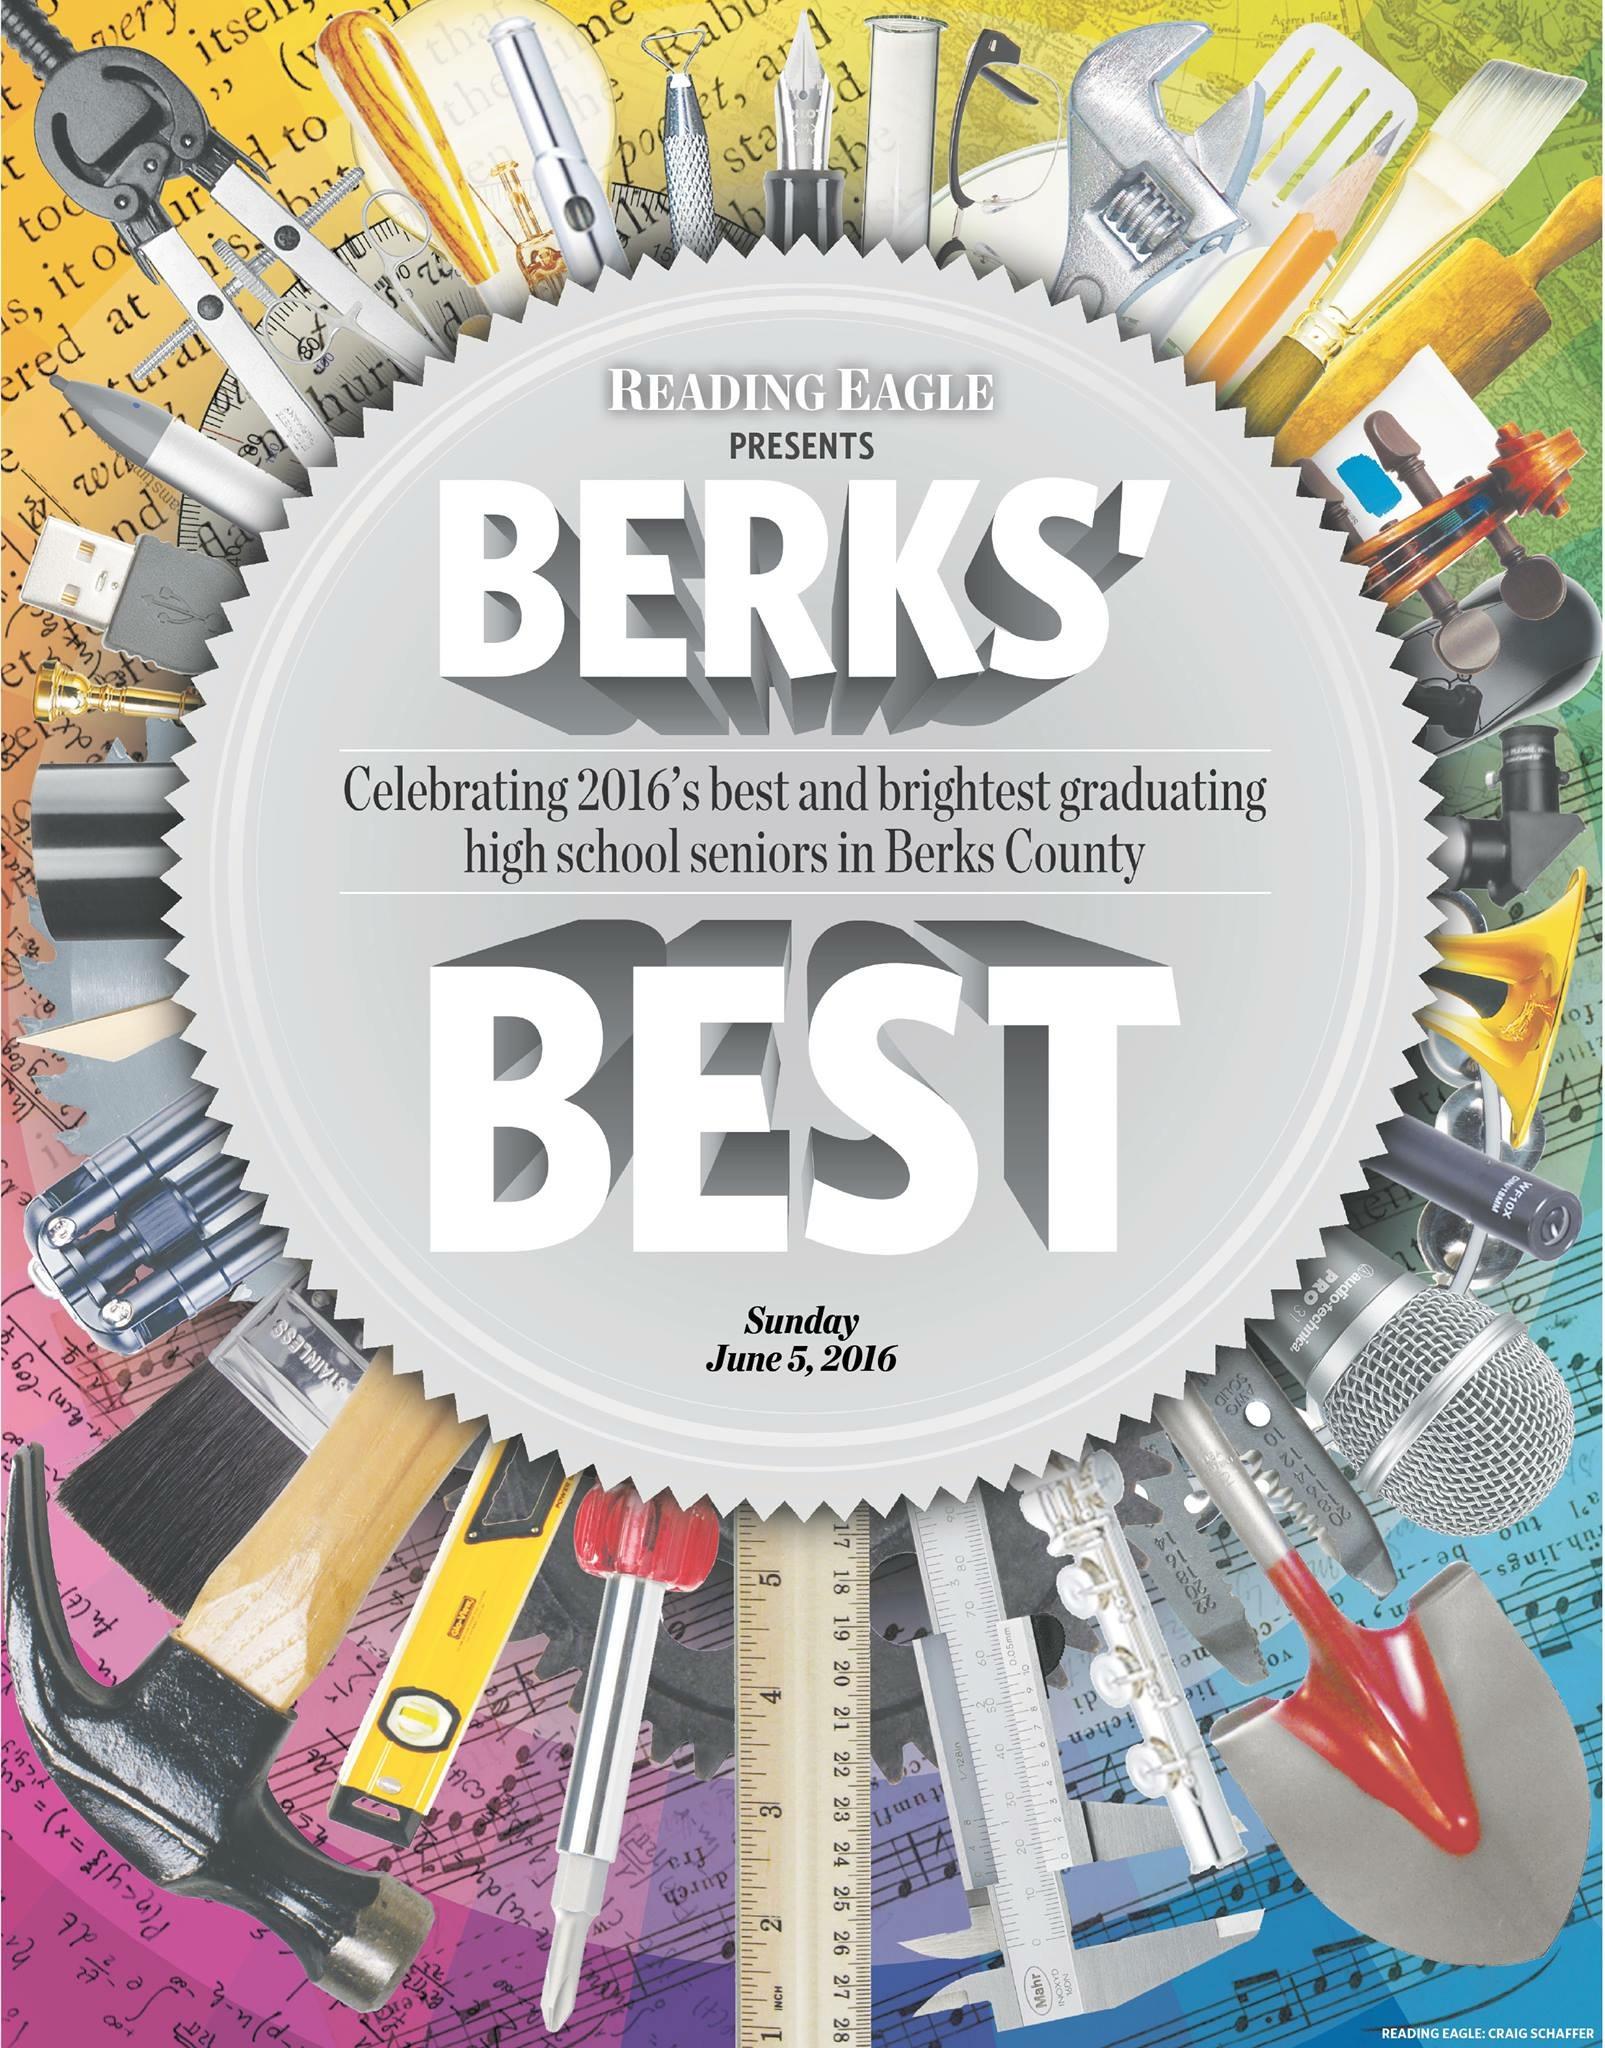 Berks Best 2016